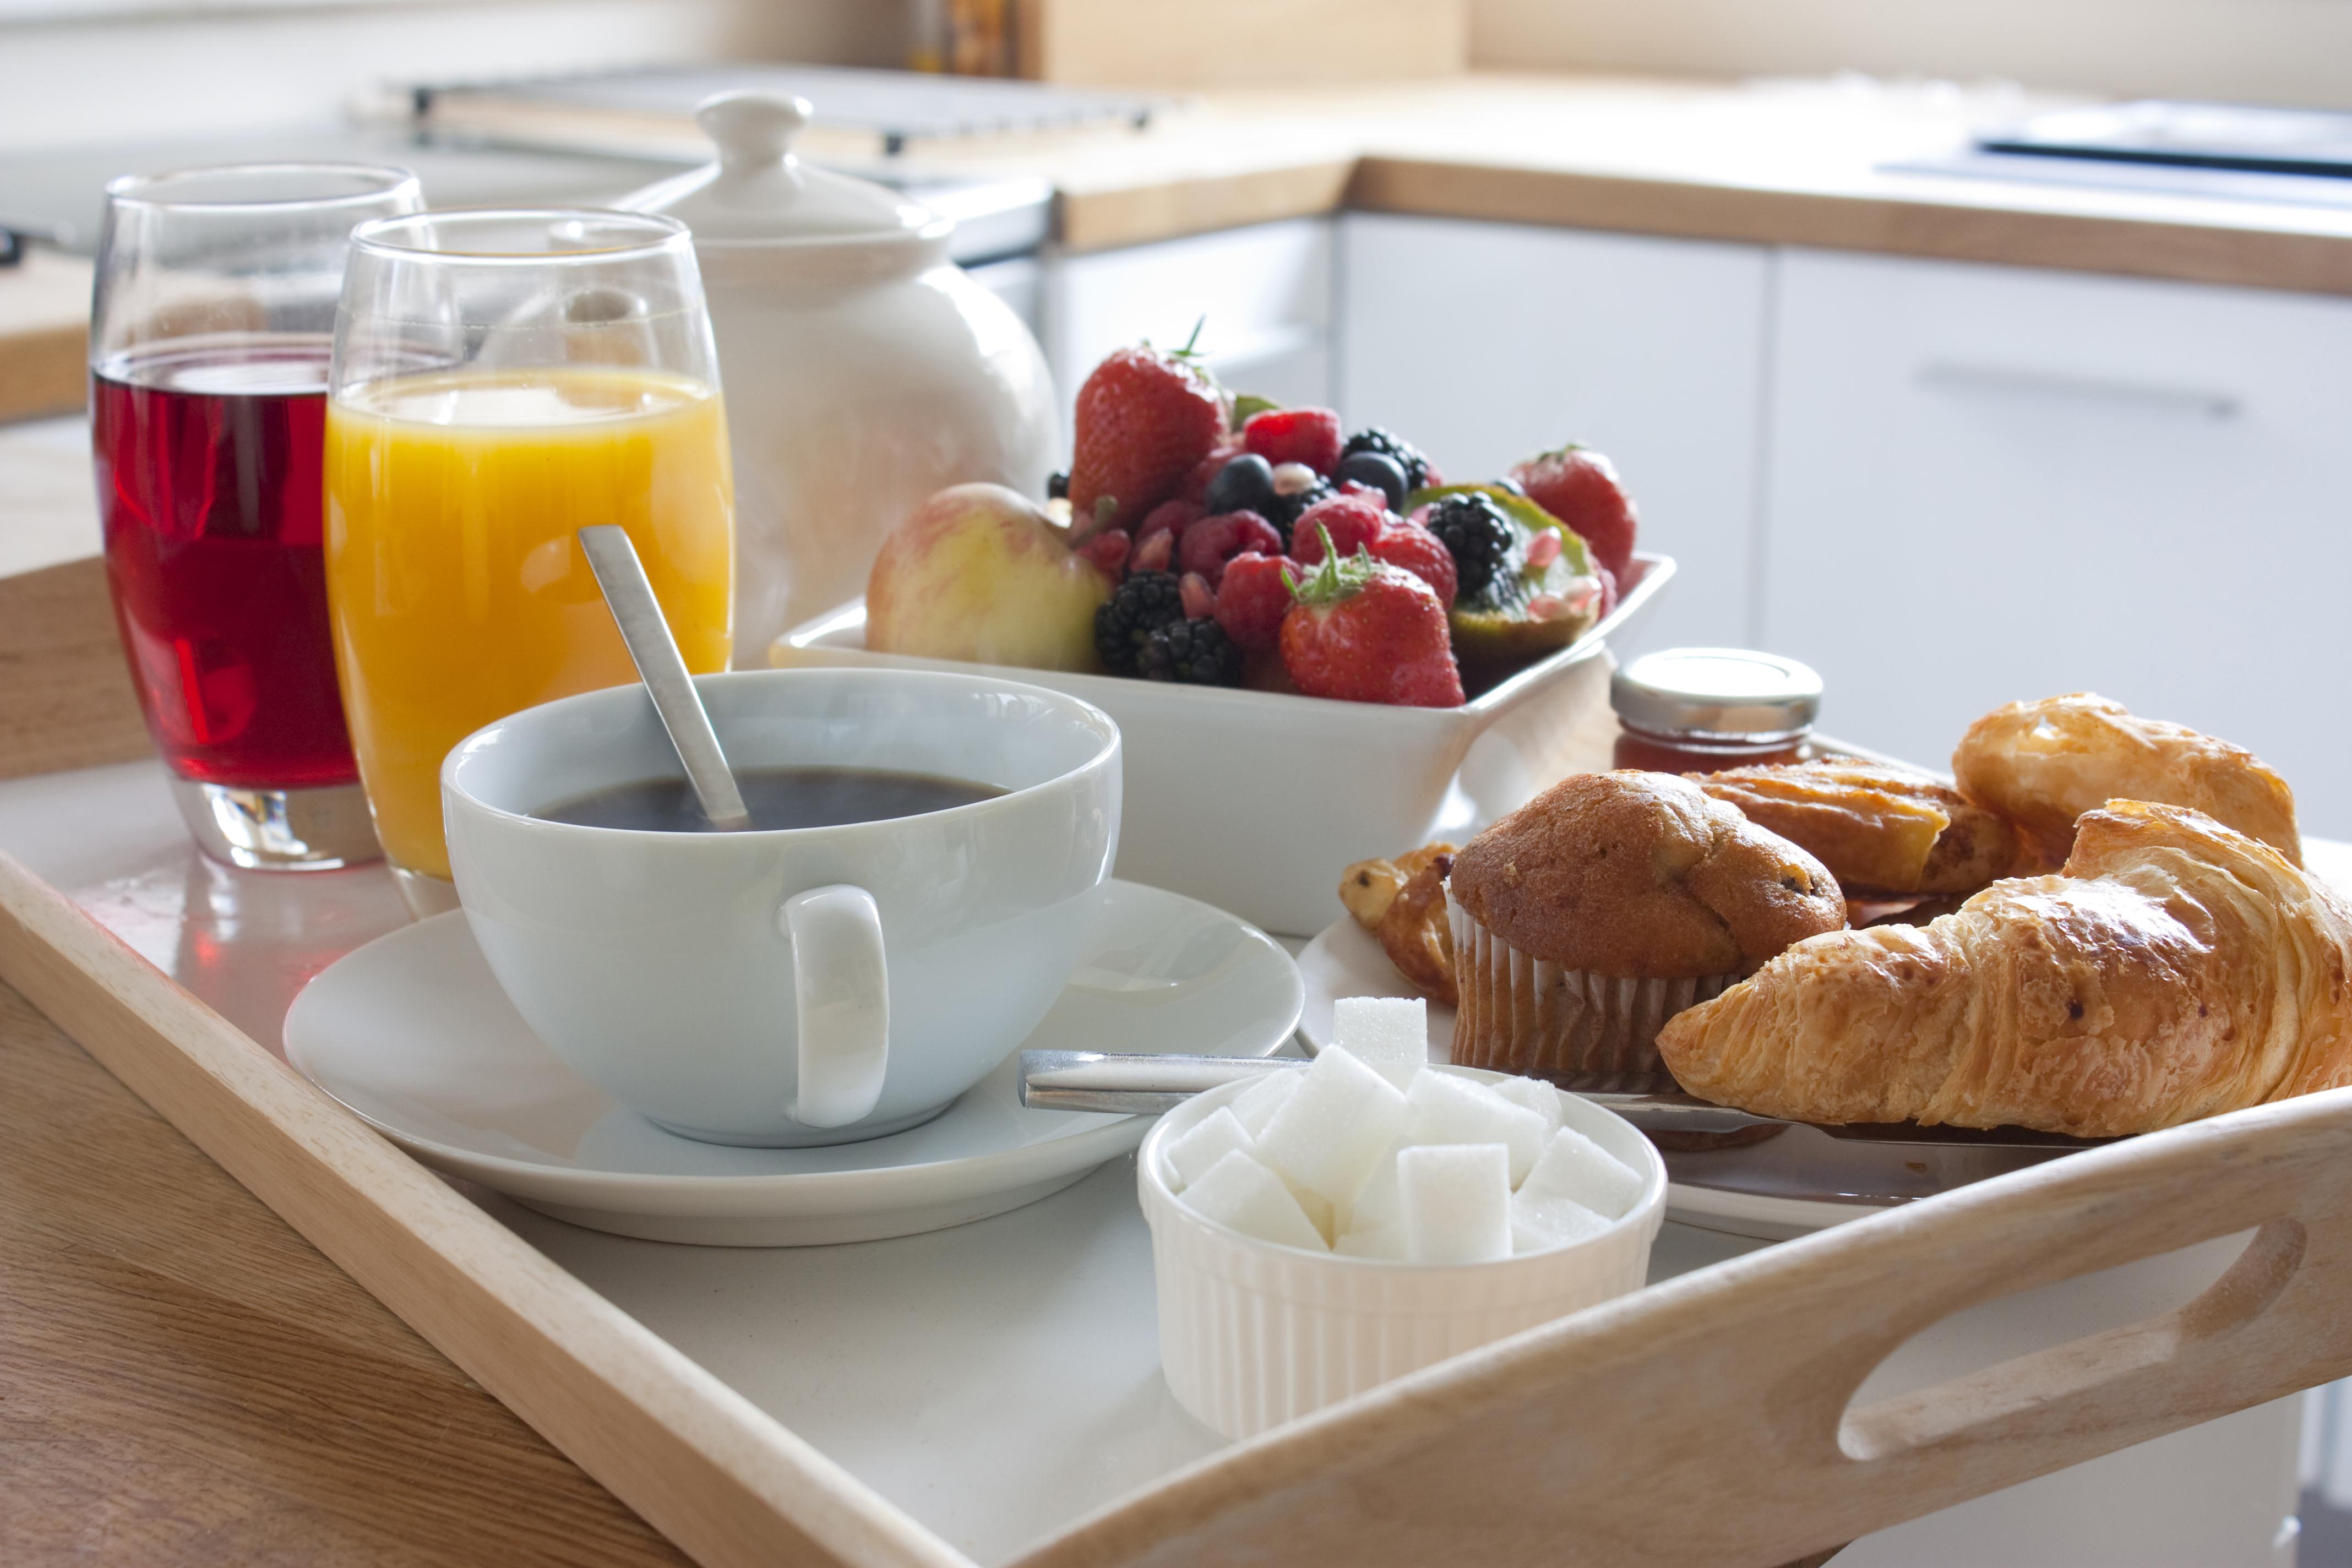 Morning Room Service Hotel  International Bellhop Travel